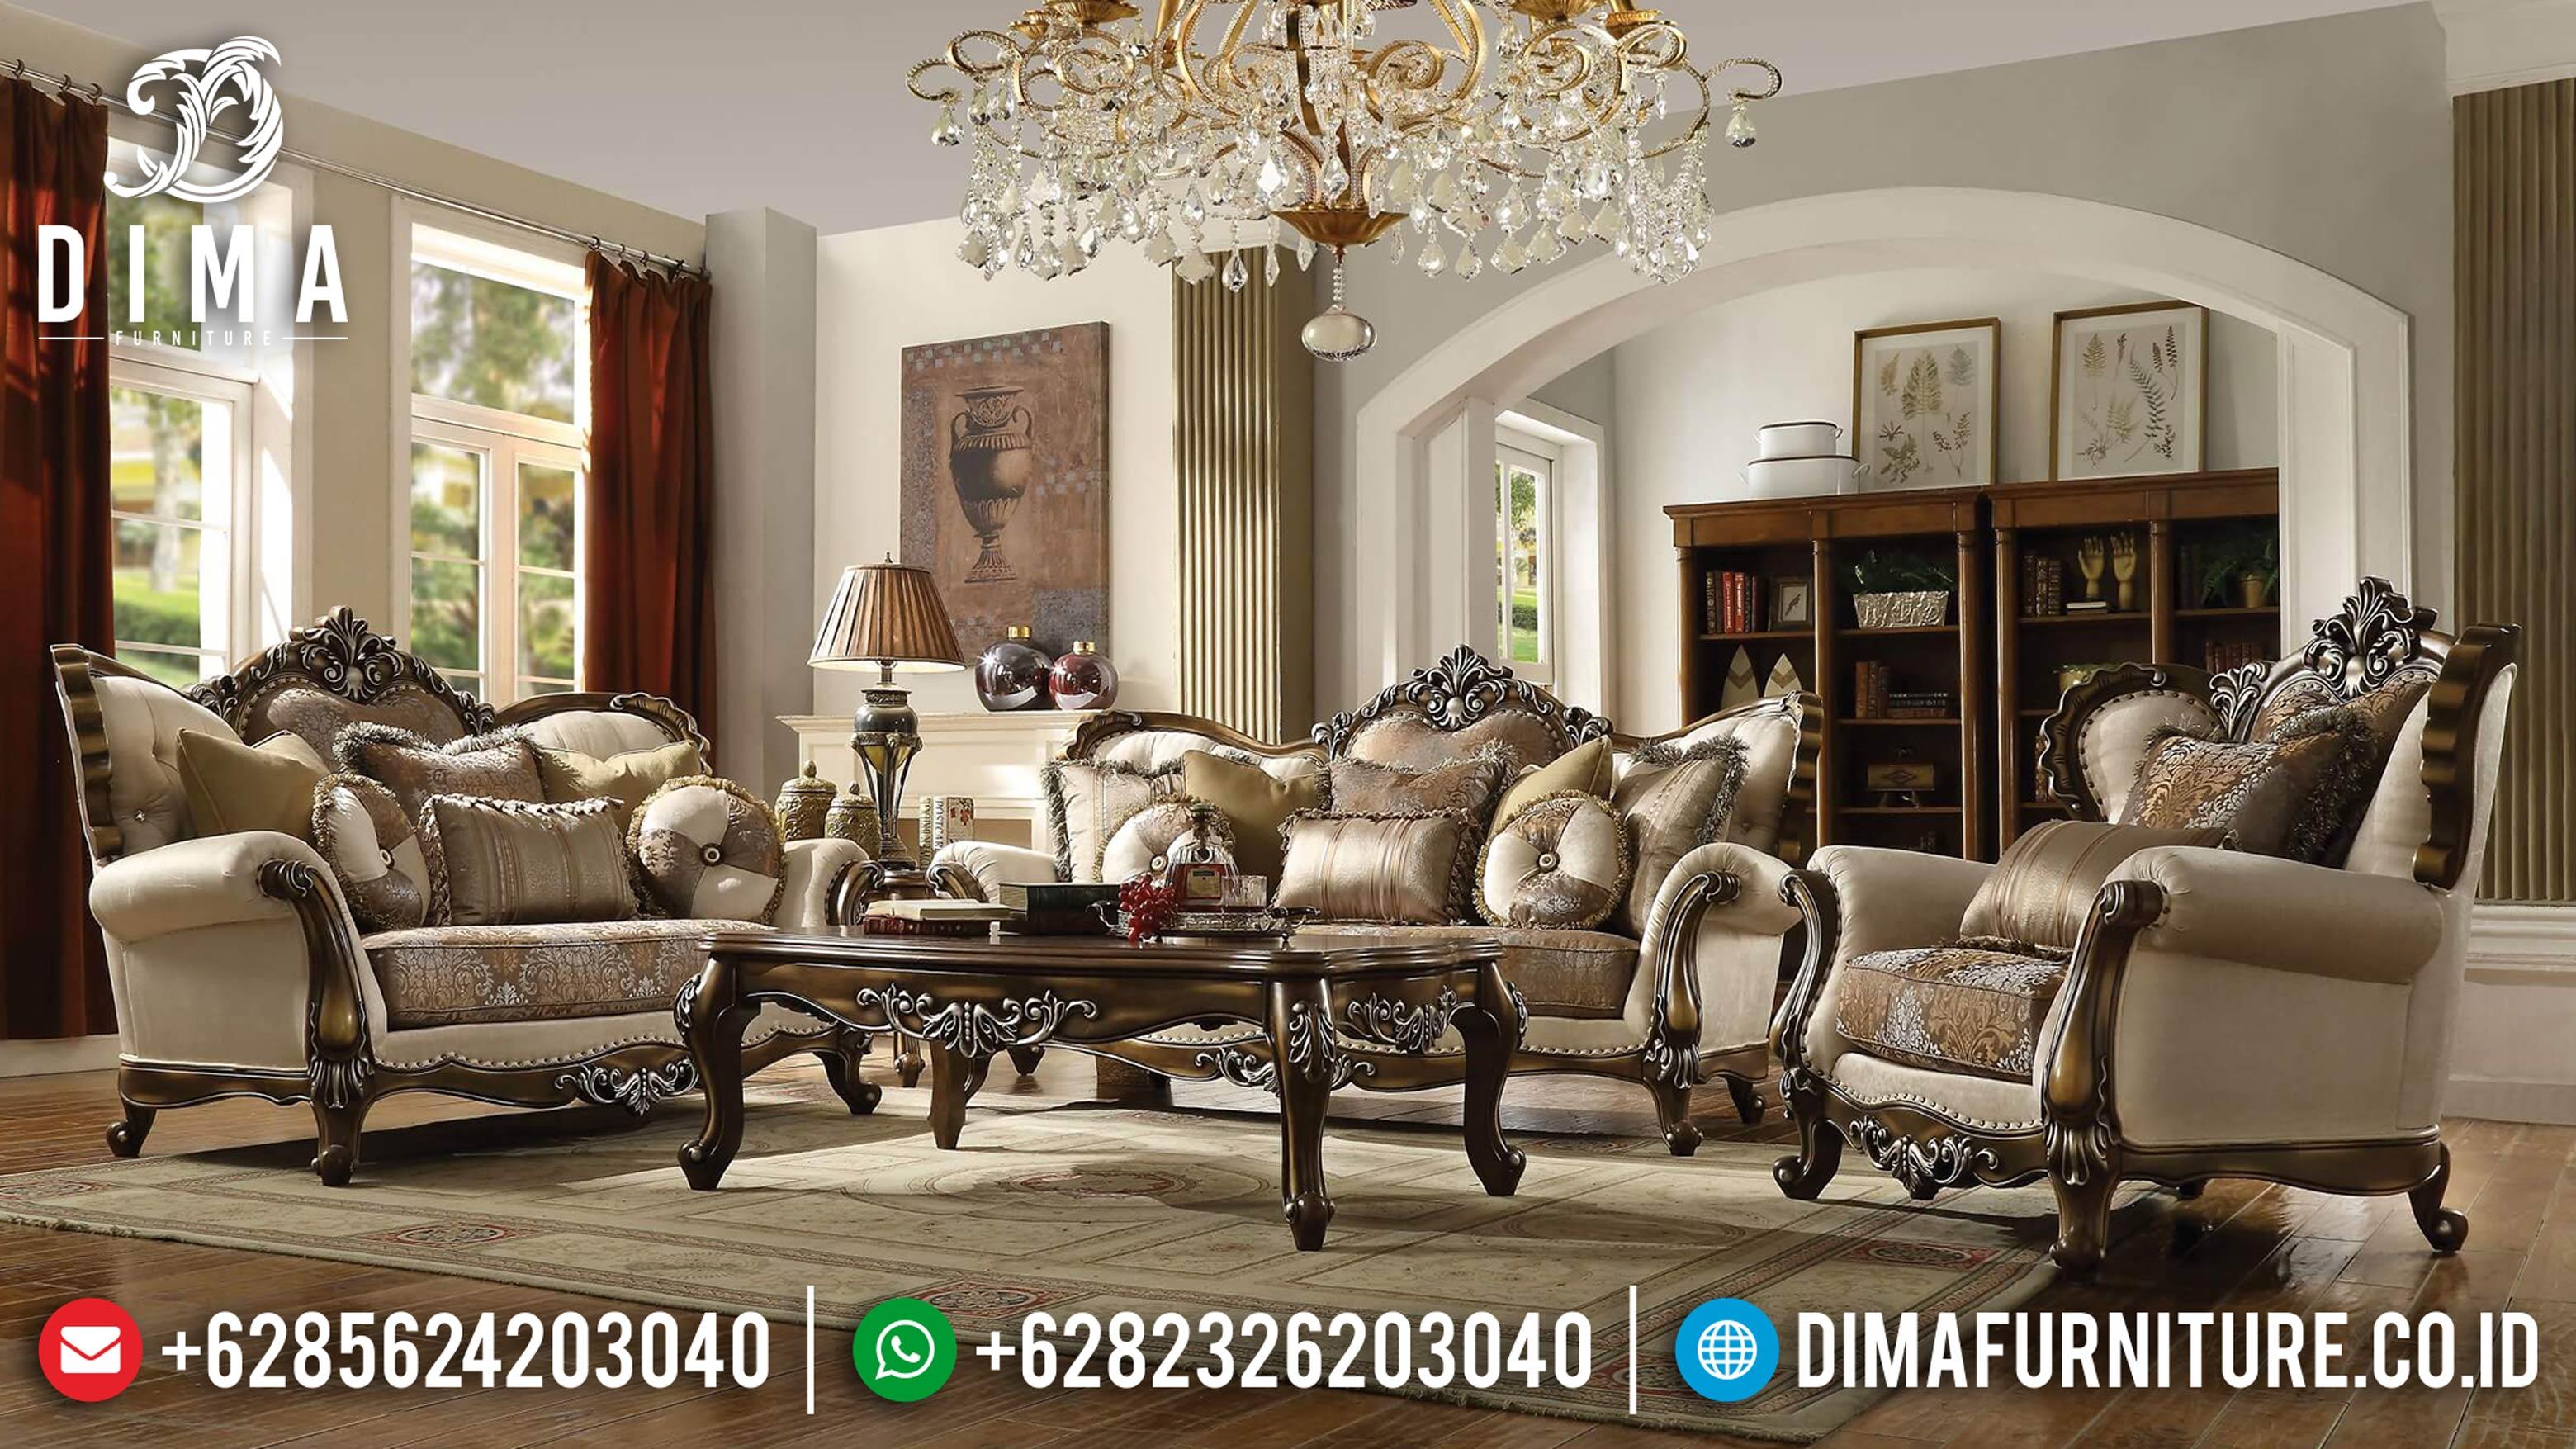 Sofa Ruang Tamu Murah, Sofa Tamu Jepara, Sofa Mewah Klasik DF-0651